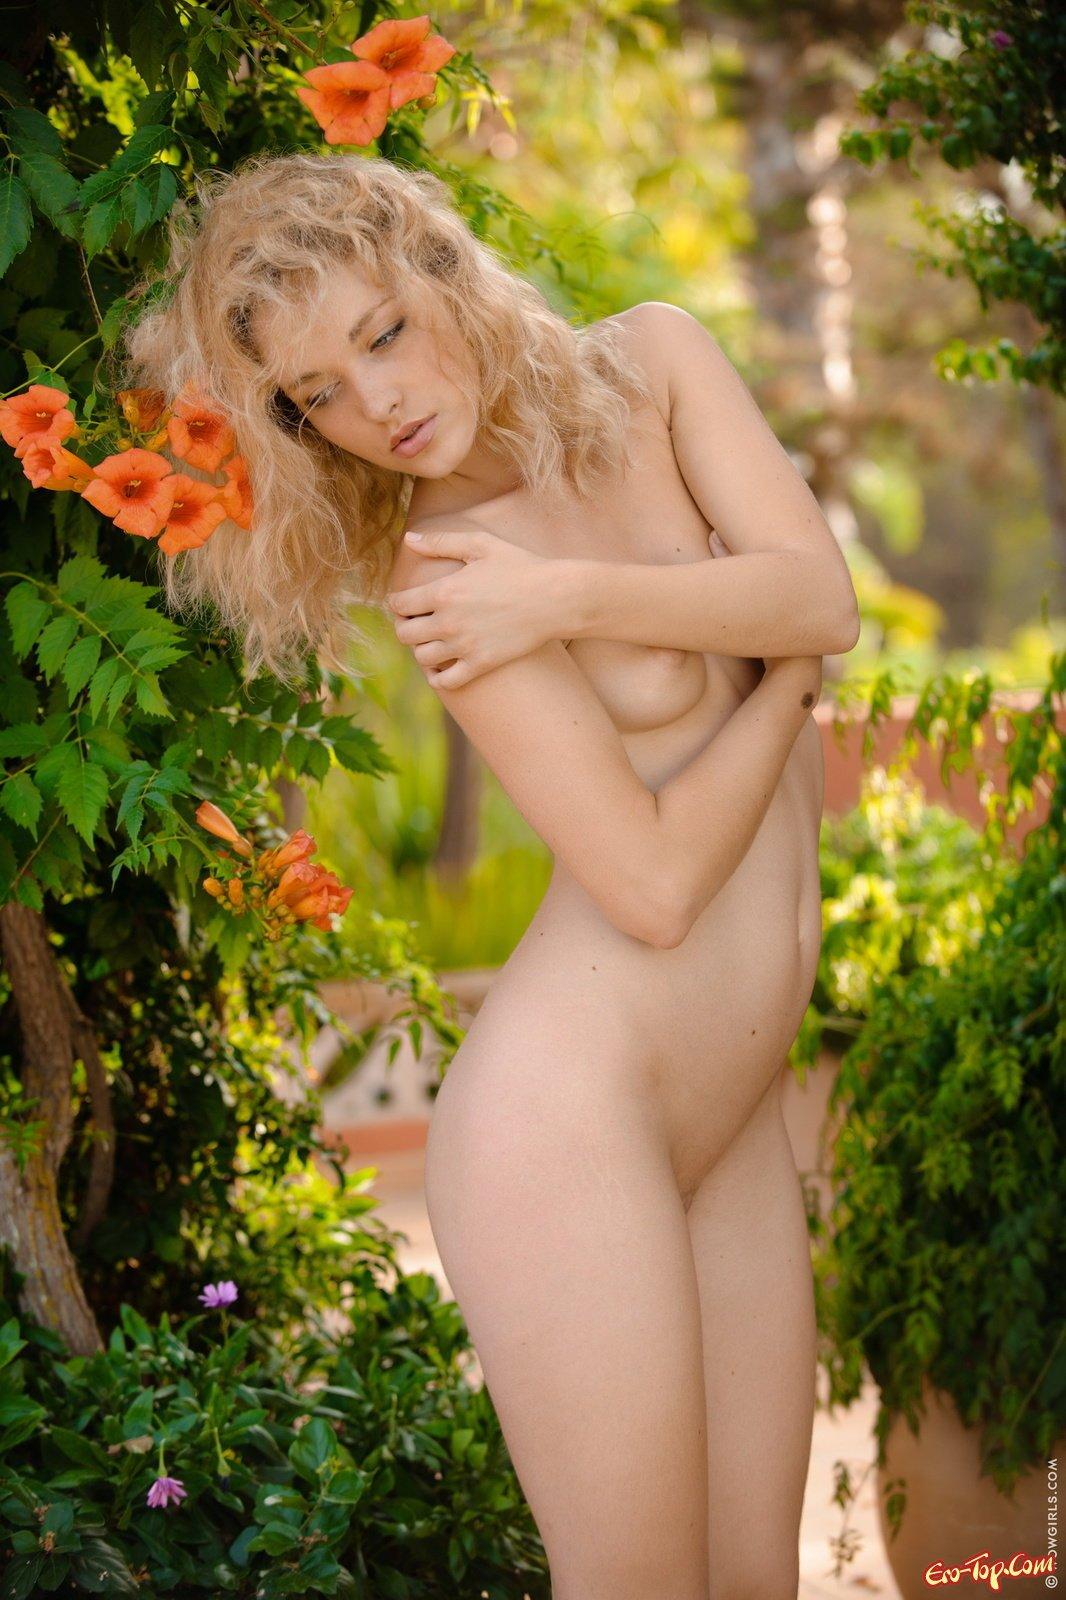 Блондинка оголяется показывая письку в саду